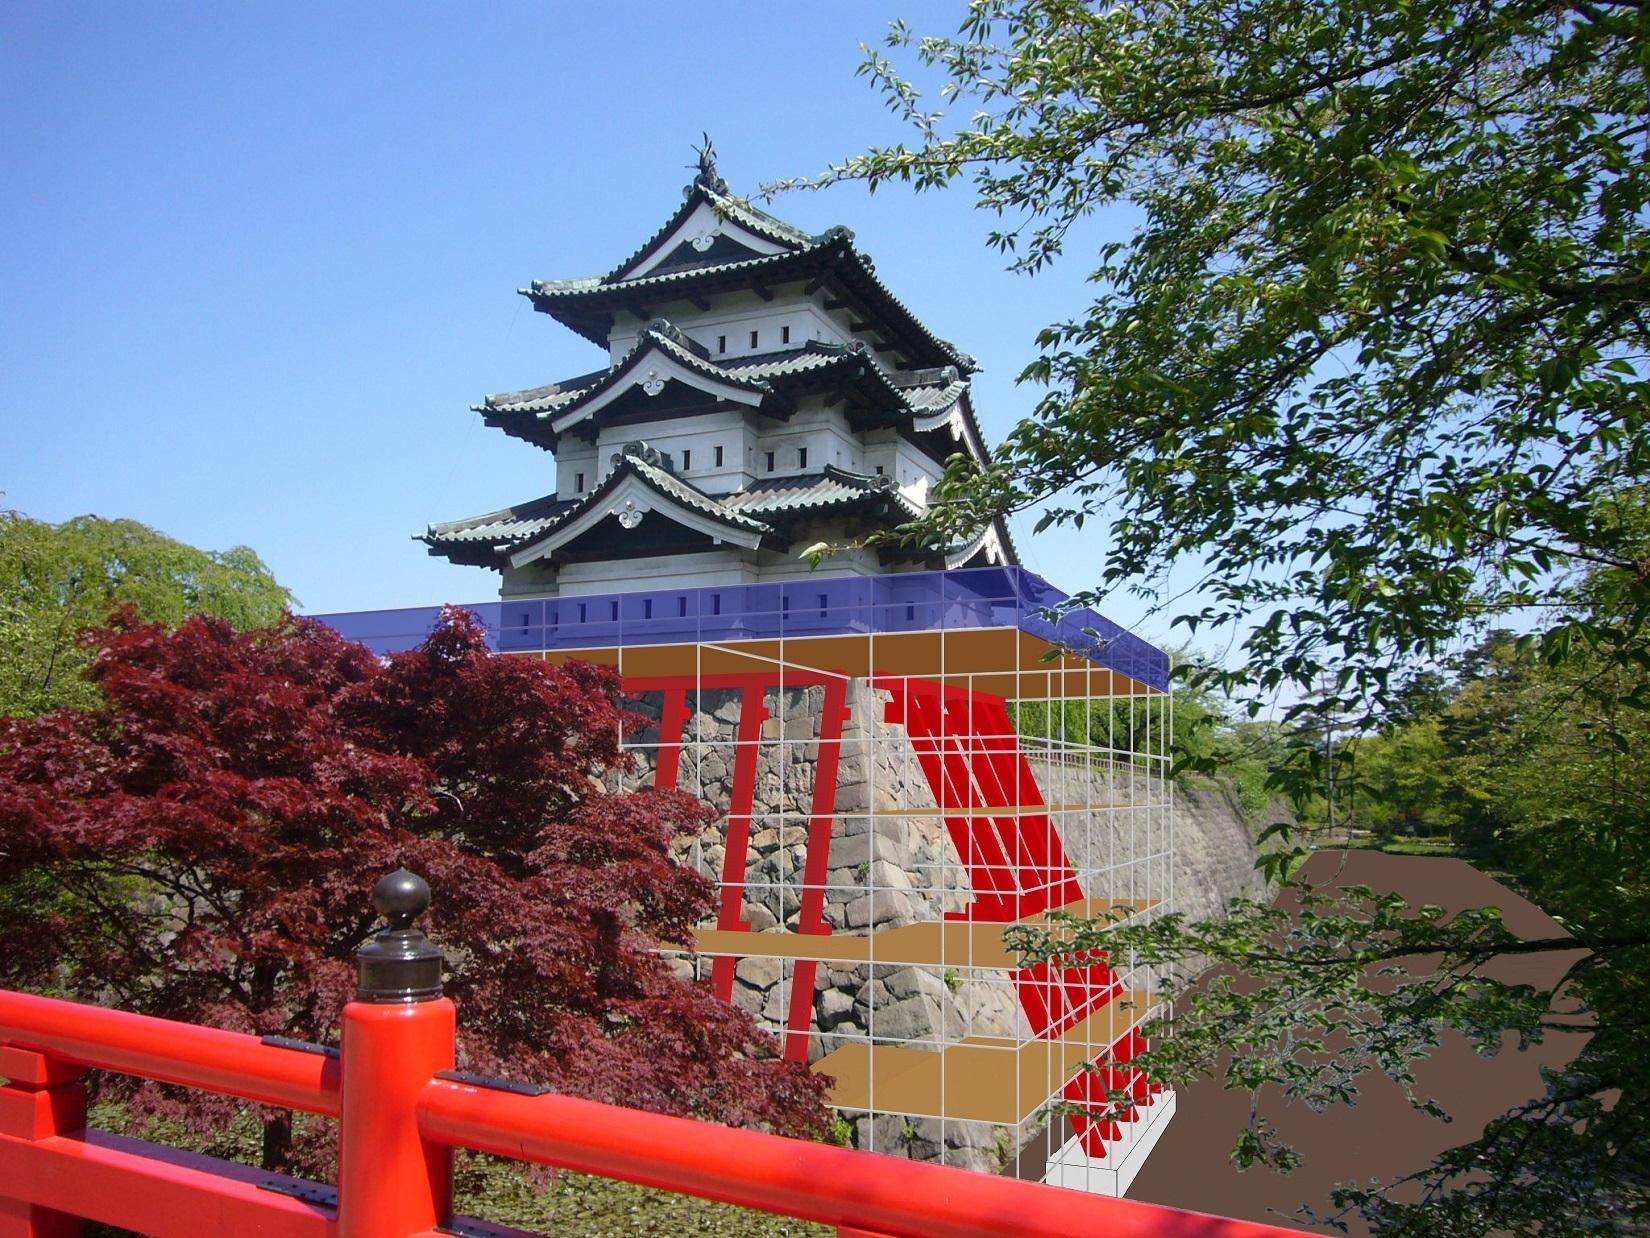 【スケールでか!】弘前城 天守を70m引っ張って移動!?あなたも挑戦できる大工事!